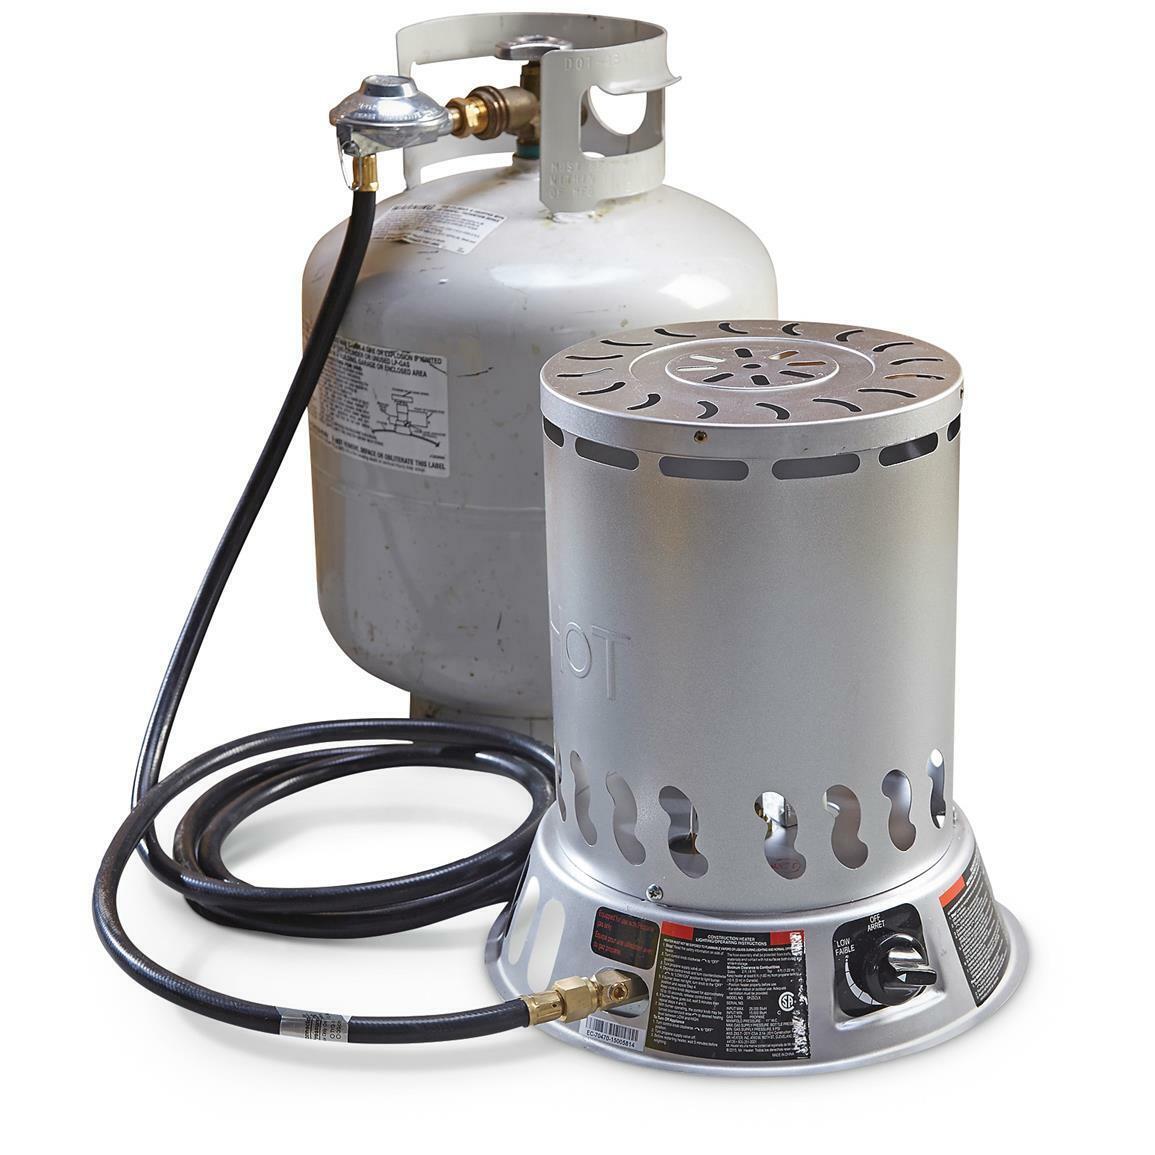 MR HEATER F270470 Mr Heater Convection Heater 25000 BTU Hr